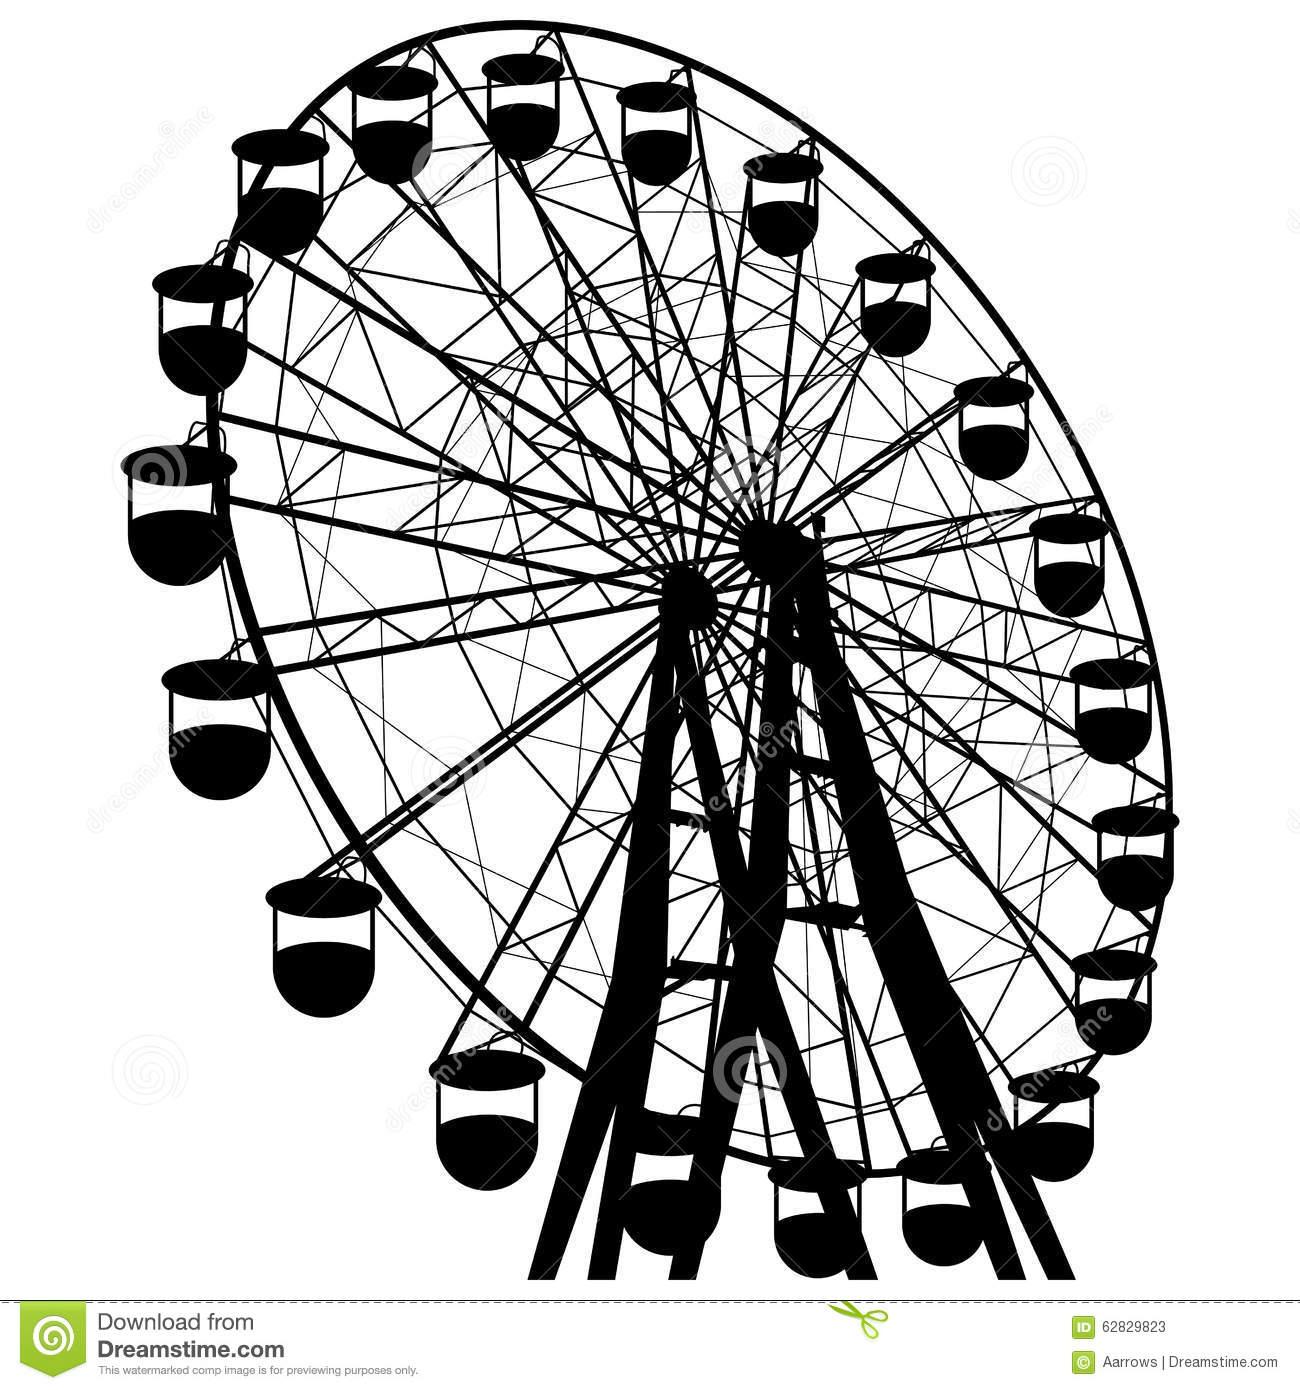 Riesenrad clipart kostenlos vector freeuse stock Bewegung Riesenrad Stock Illustrationen, Vektors, & Klipart – (54 ... vector freeuse stock